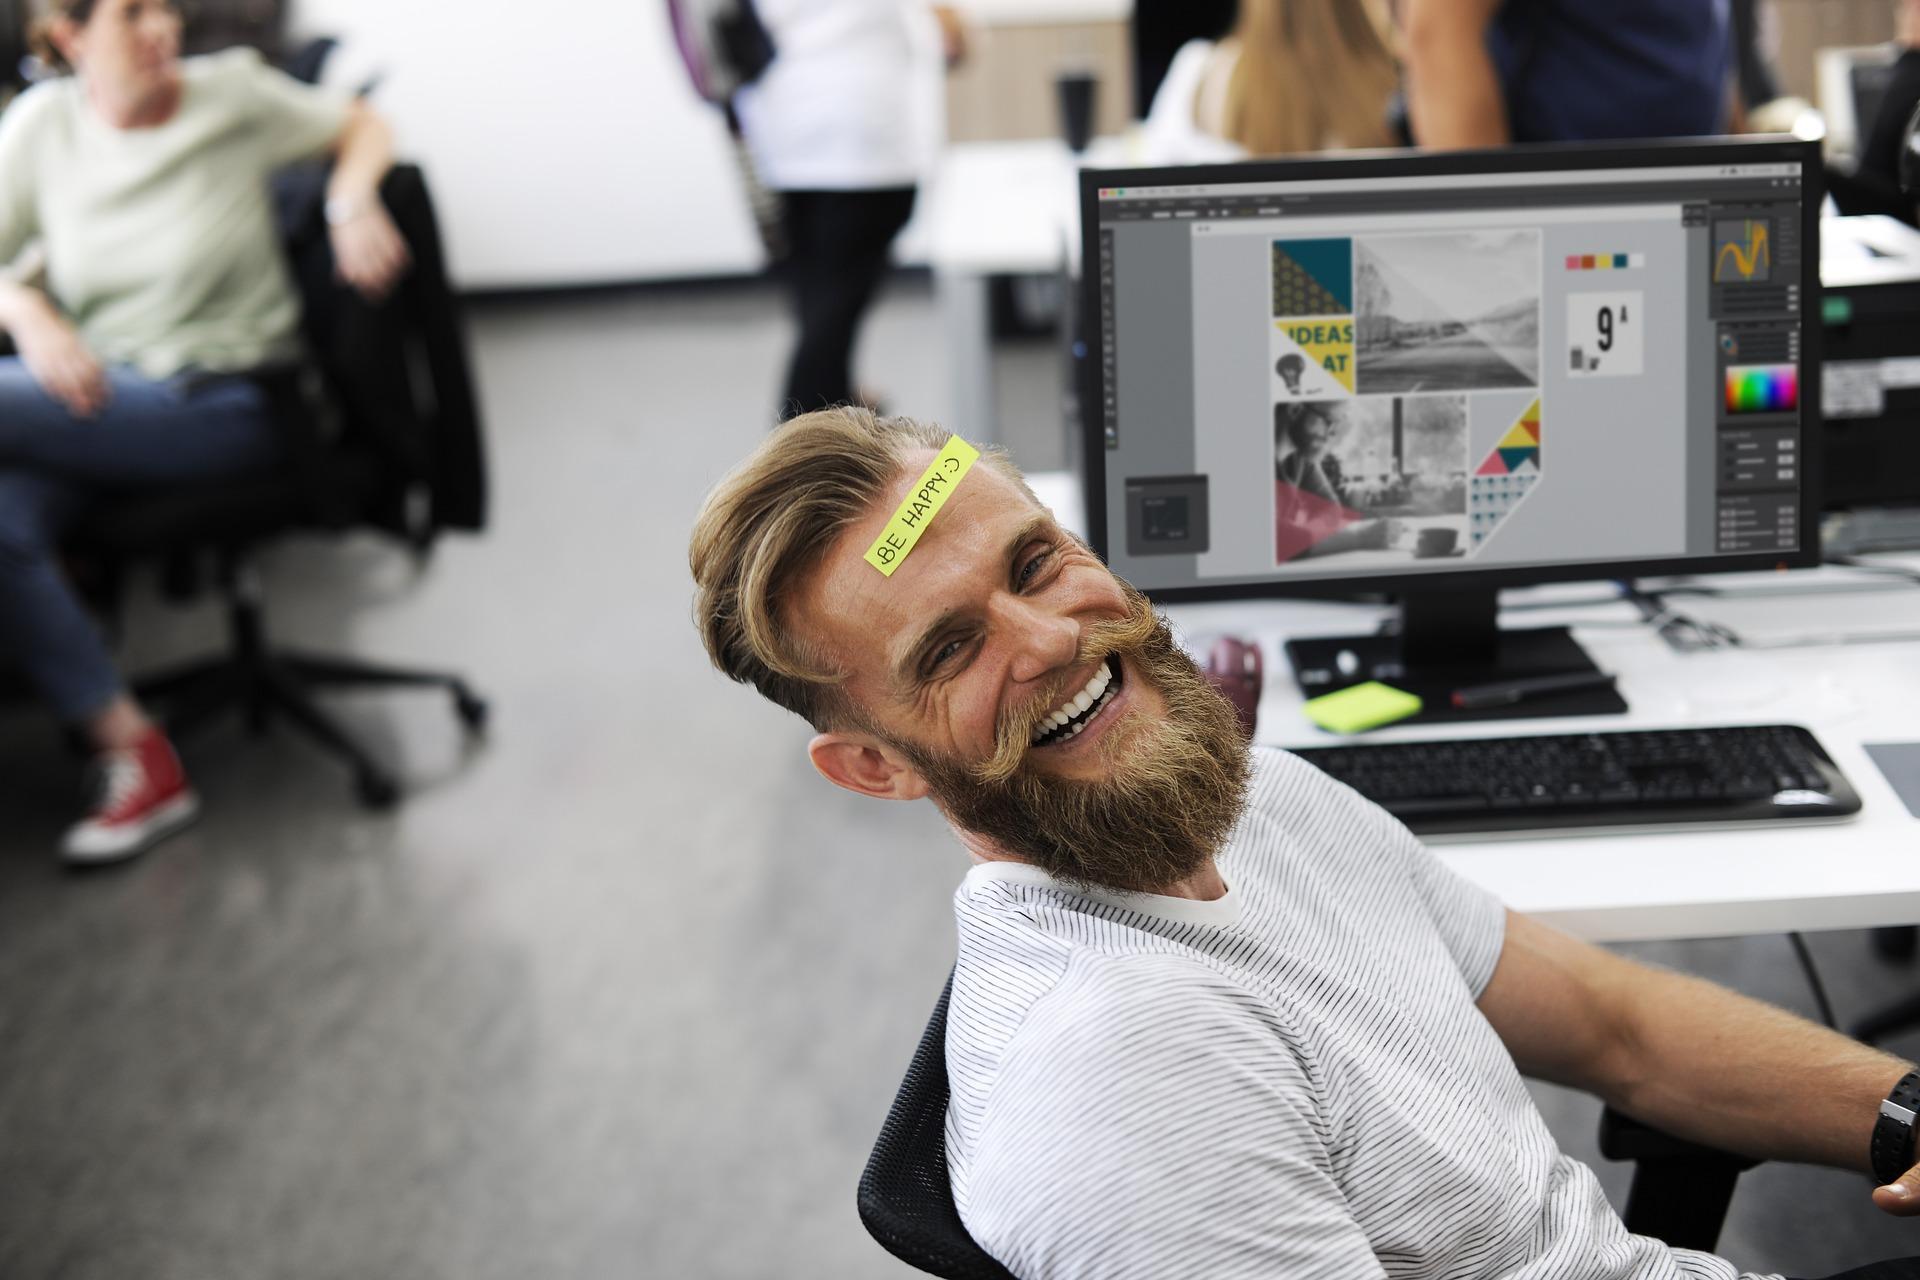 Начинающему бизнесмену. Сколько стоит обустроить офис для небольшой компании?